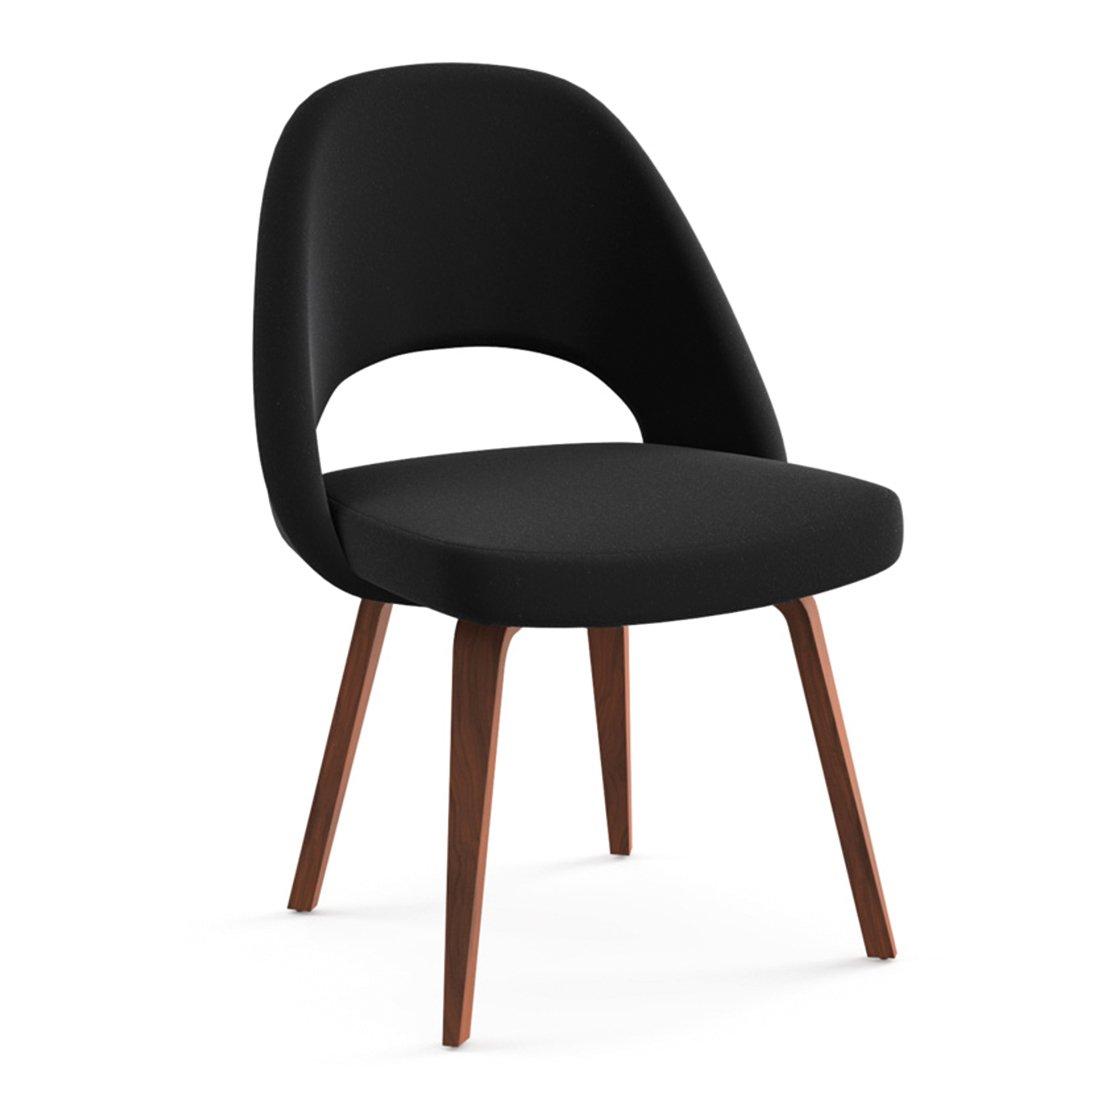 Knoll Studio Saarinen Conference Chair Eiken Walnoot - Black Onyx